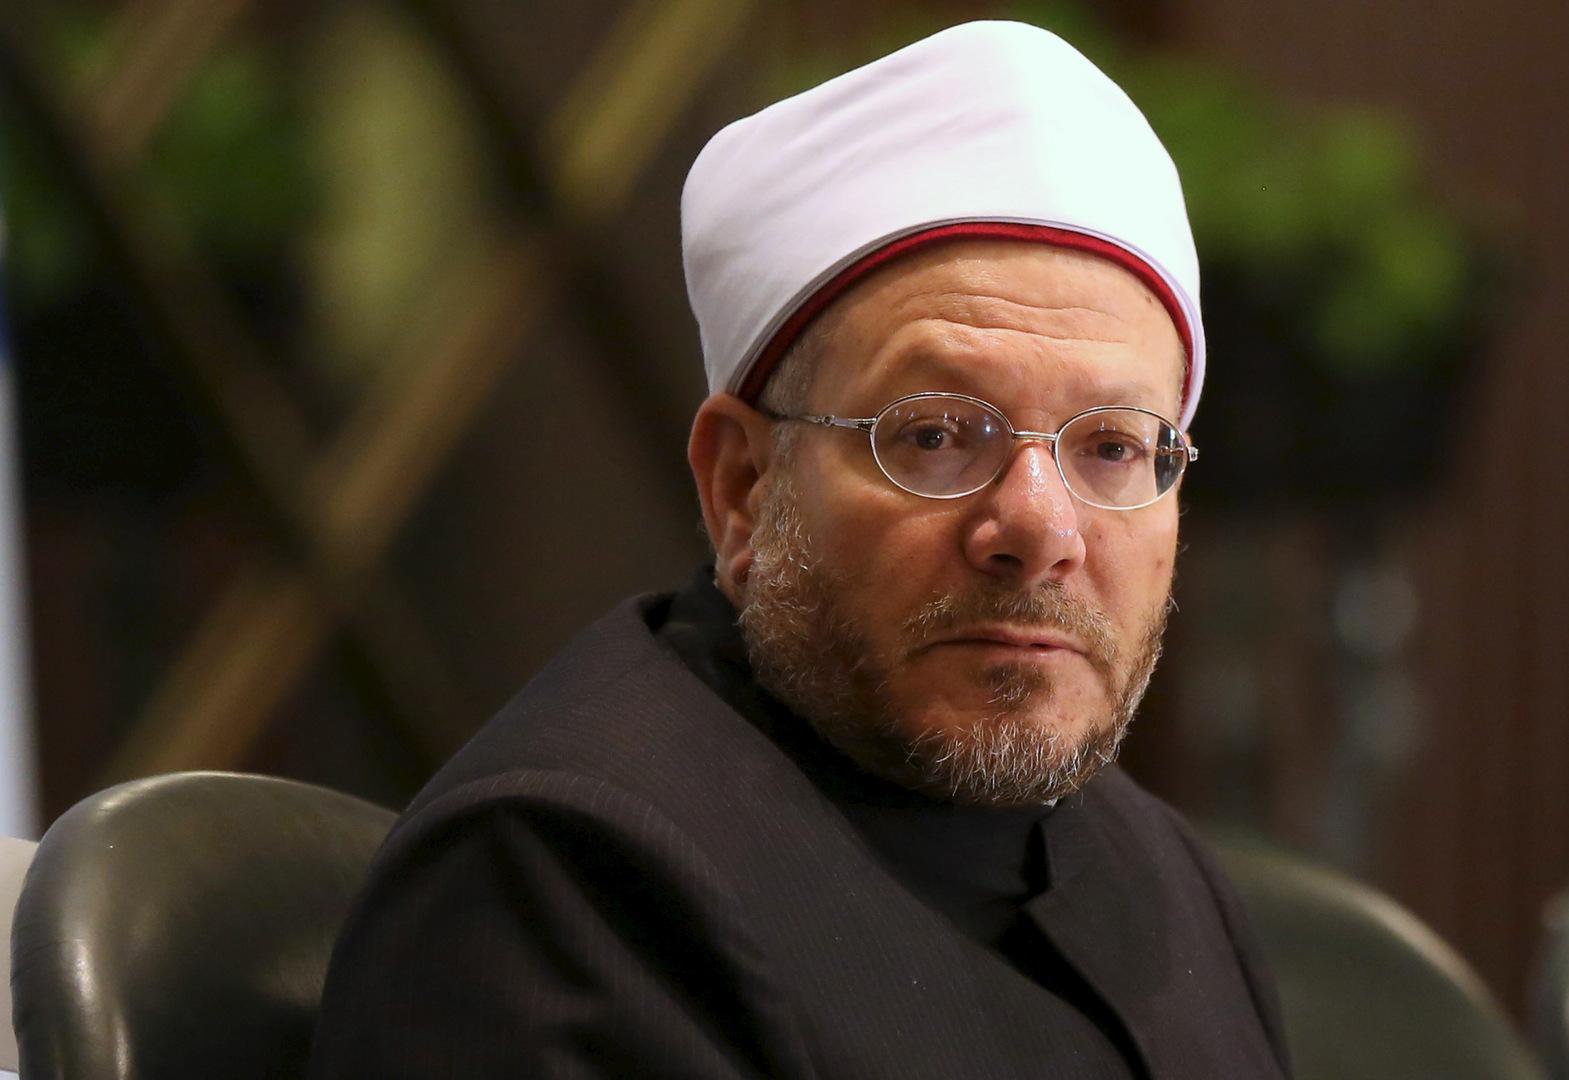 مفتي مصر يعلق على اتهامات لدار الإفتاء بلعب دور سياسي في أحكام إعدام